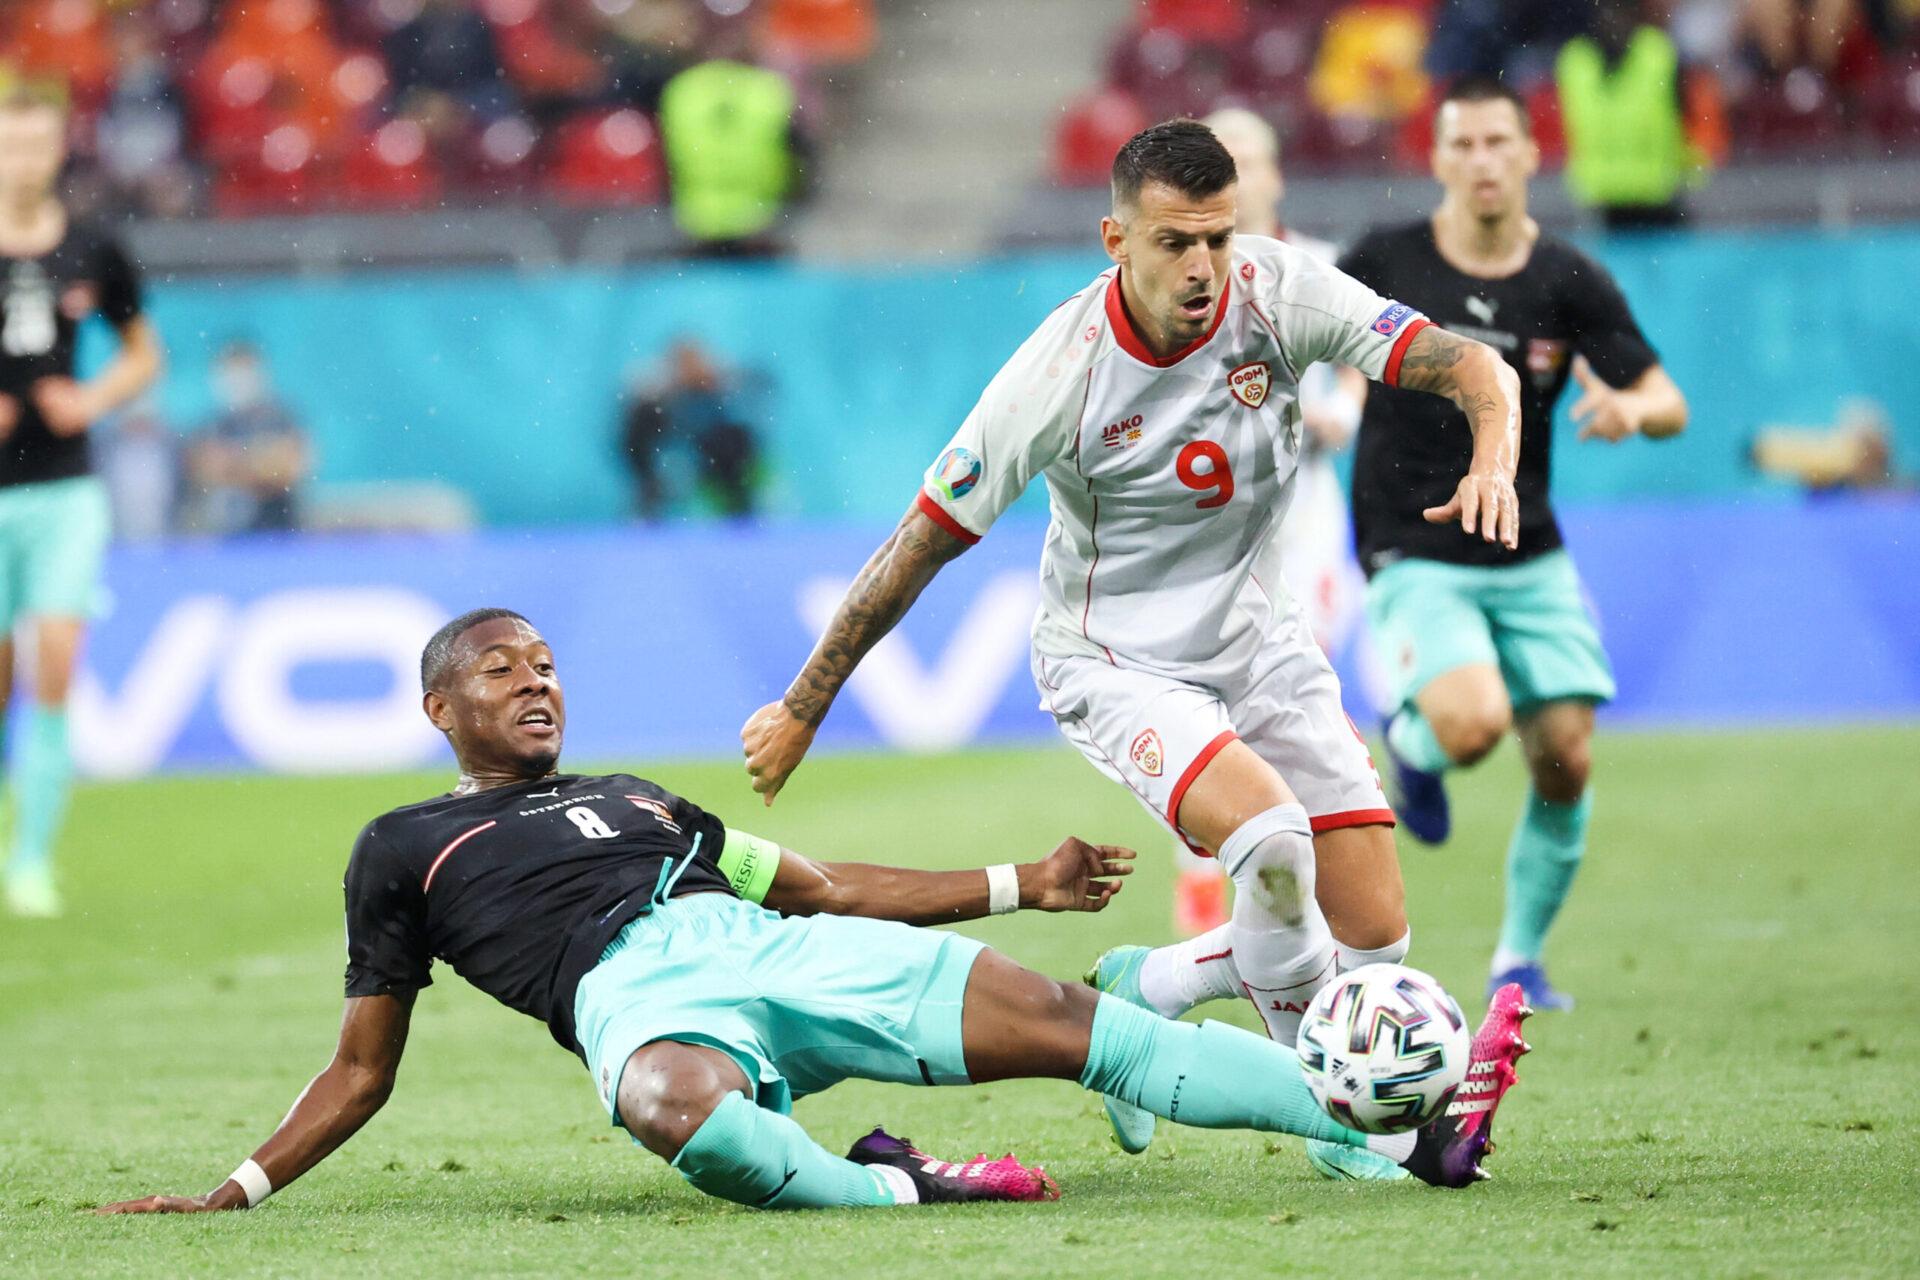 Euro 2020 : L'Autriche s'en sort bien face à la Macédoine du Nord (3-1)